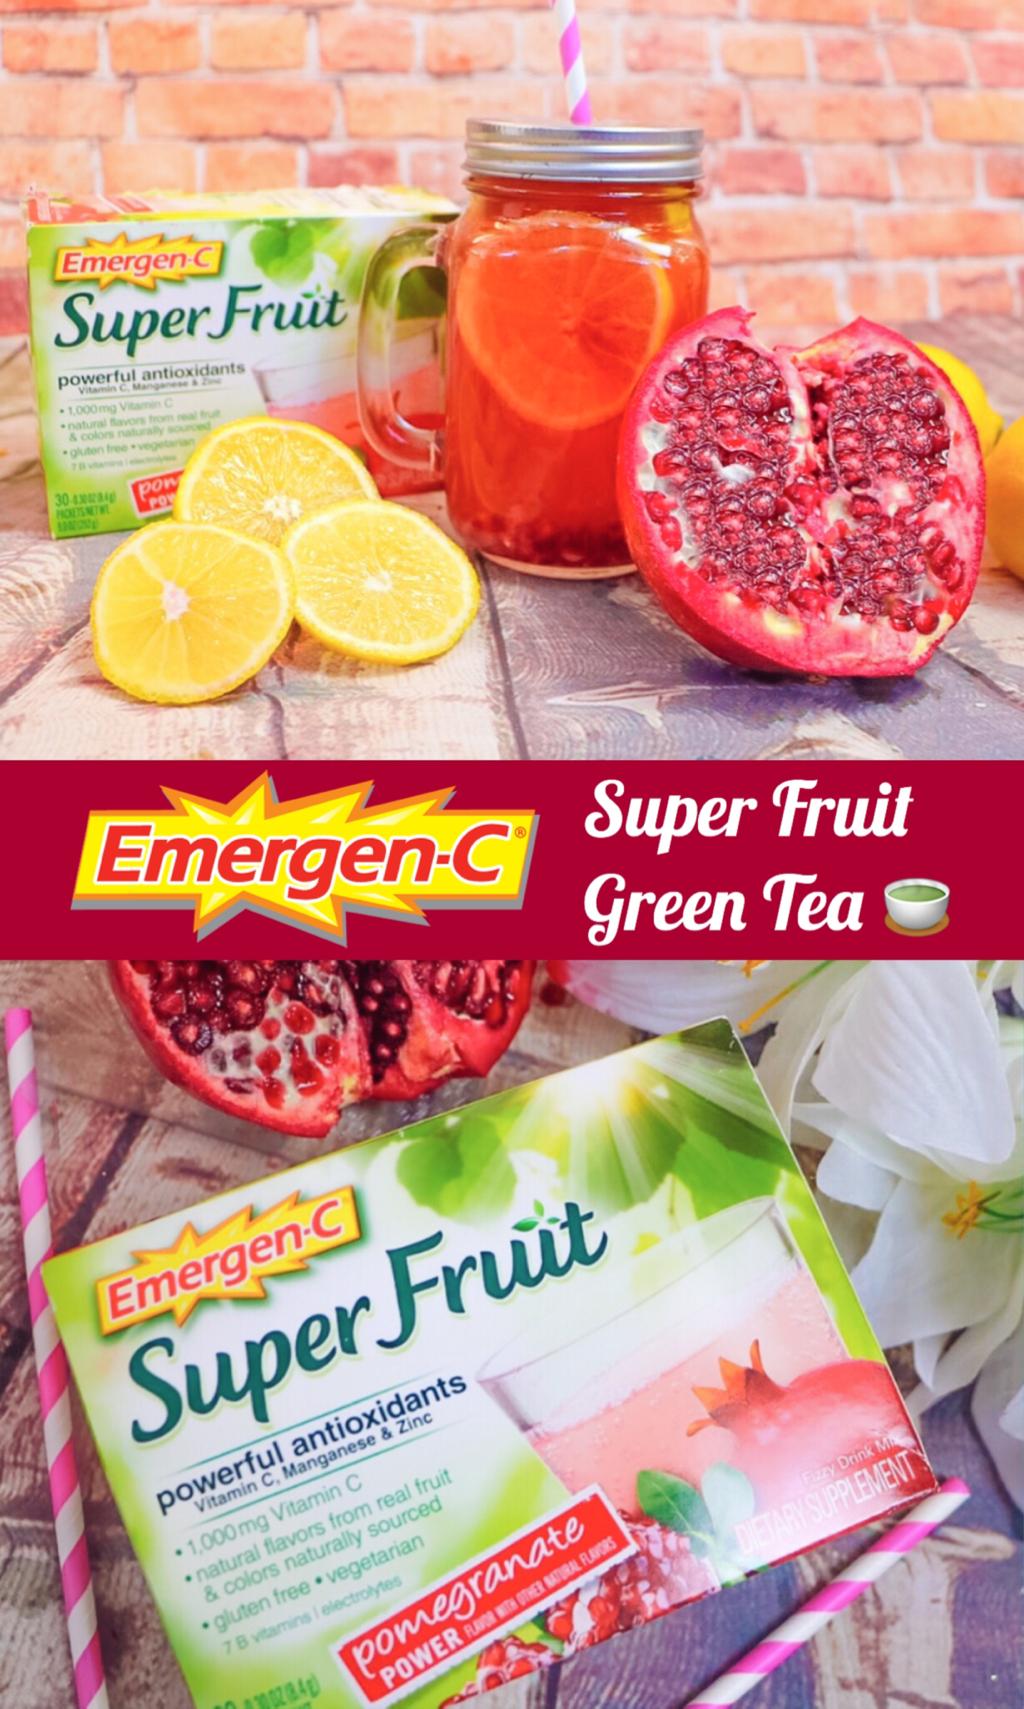 EMERGEN-C SUPER FRUIT GREEN TEA #HowDoYouEmergenC #cBias #ad